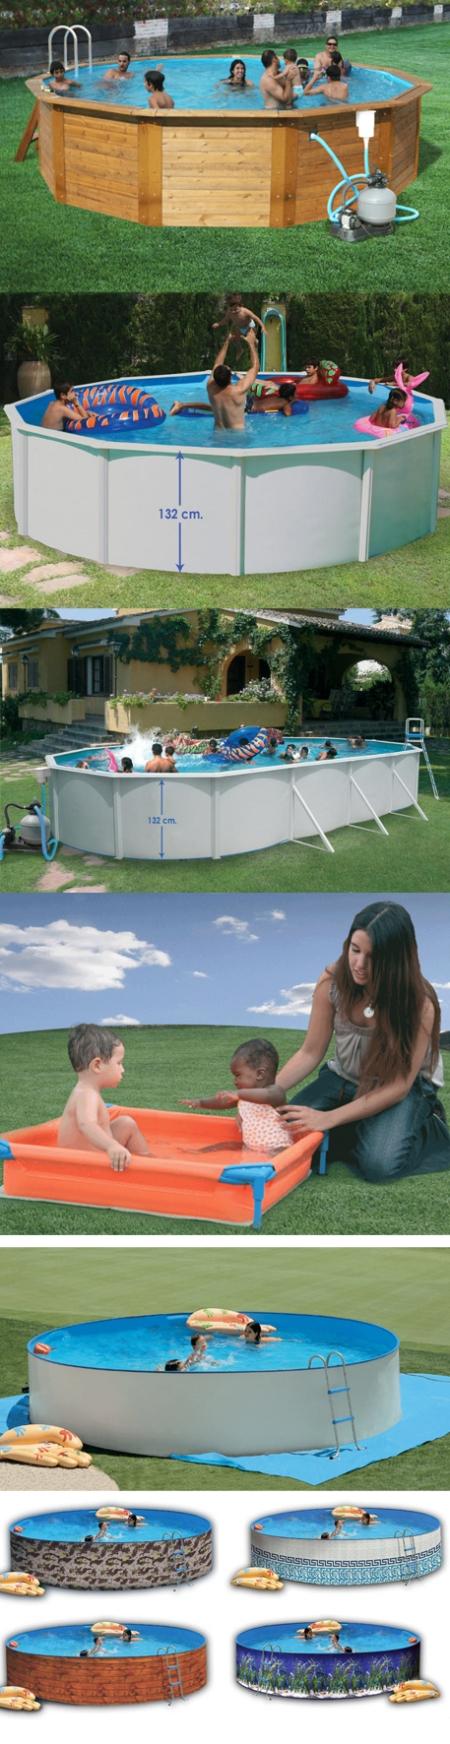 Toi piscinas, piscinas toi, piscinas toi retoque photoshop, katanga73, katanga73.wordpress.com, katarama